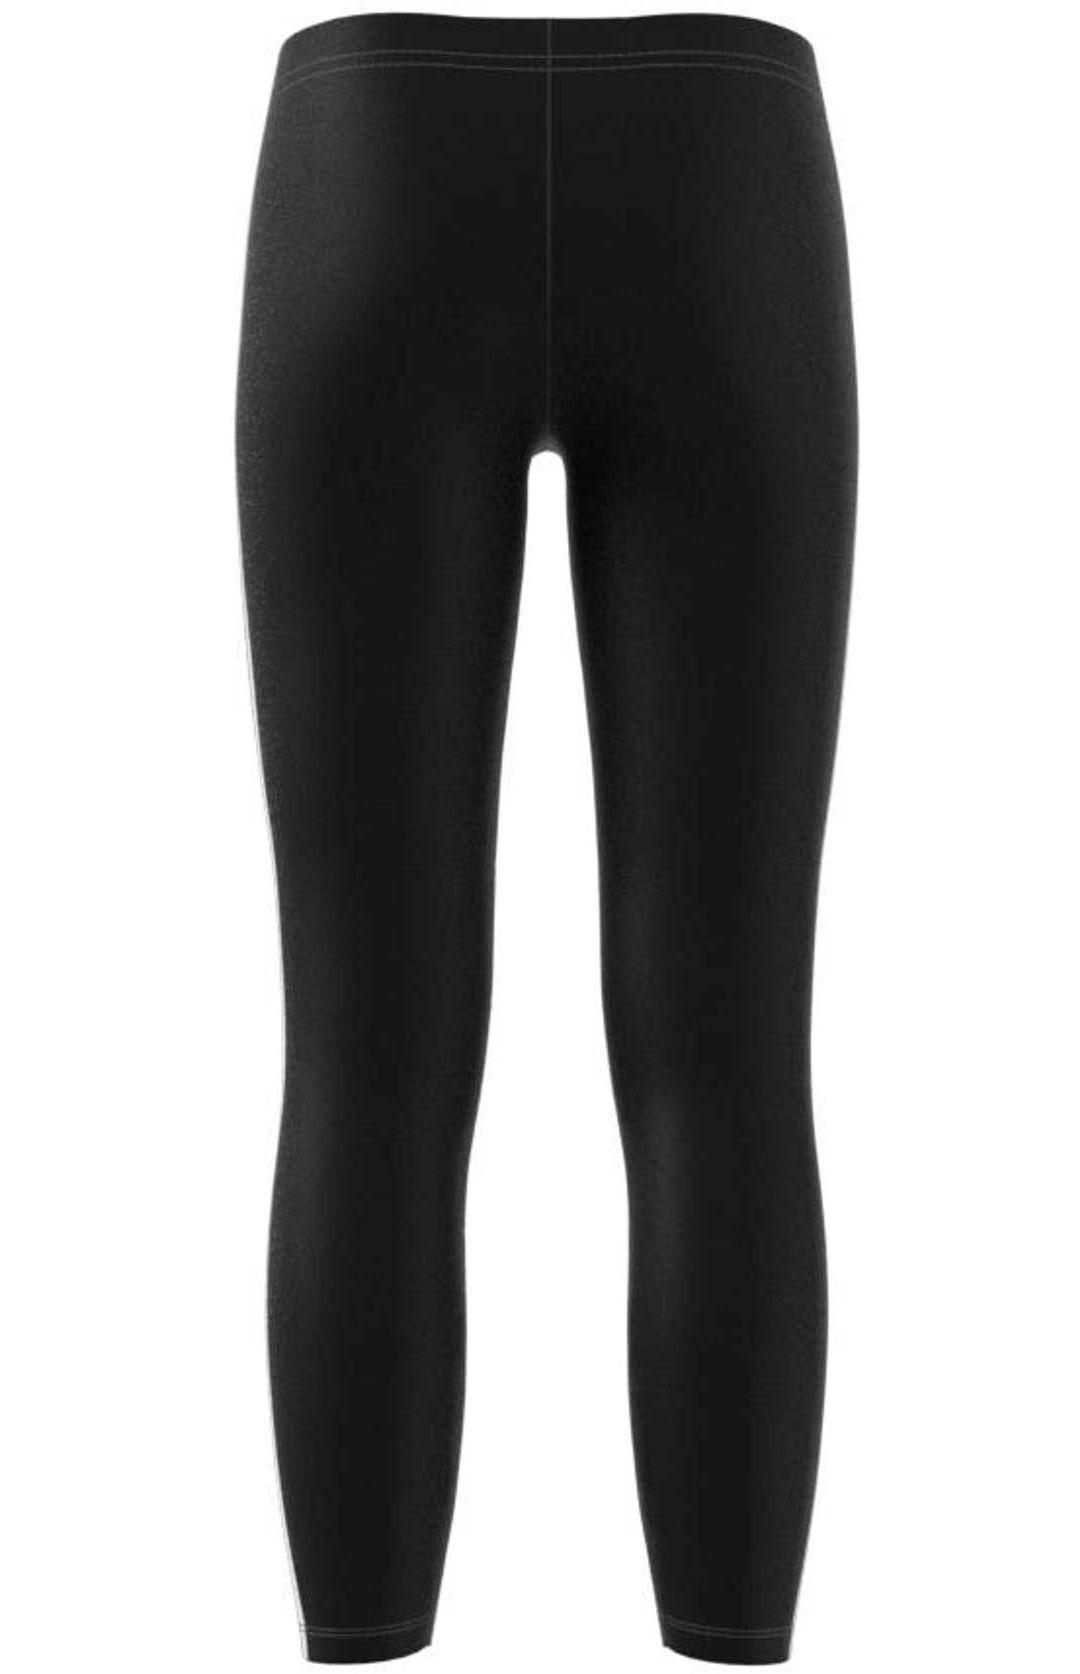 69c870b68cd adidas Originals Girls' 3-Stripe Leggings | DICK'S Sporting Goods